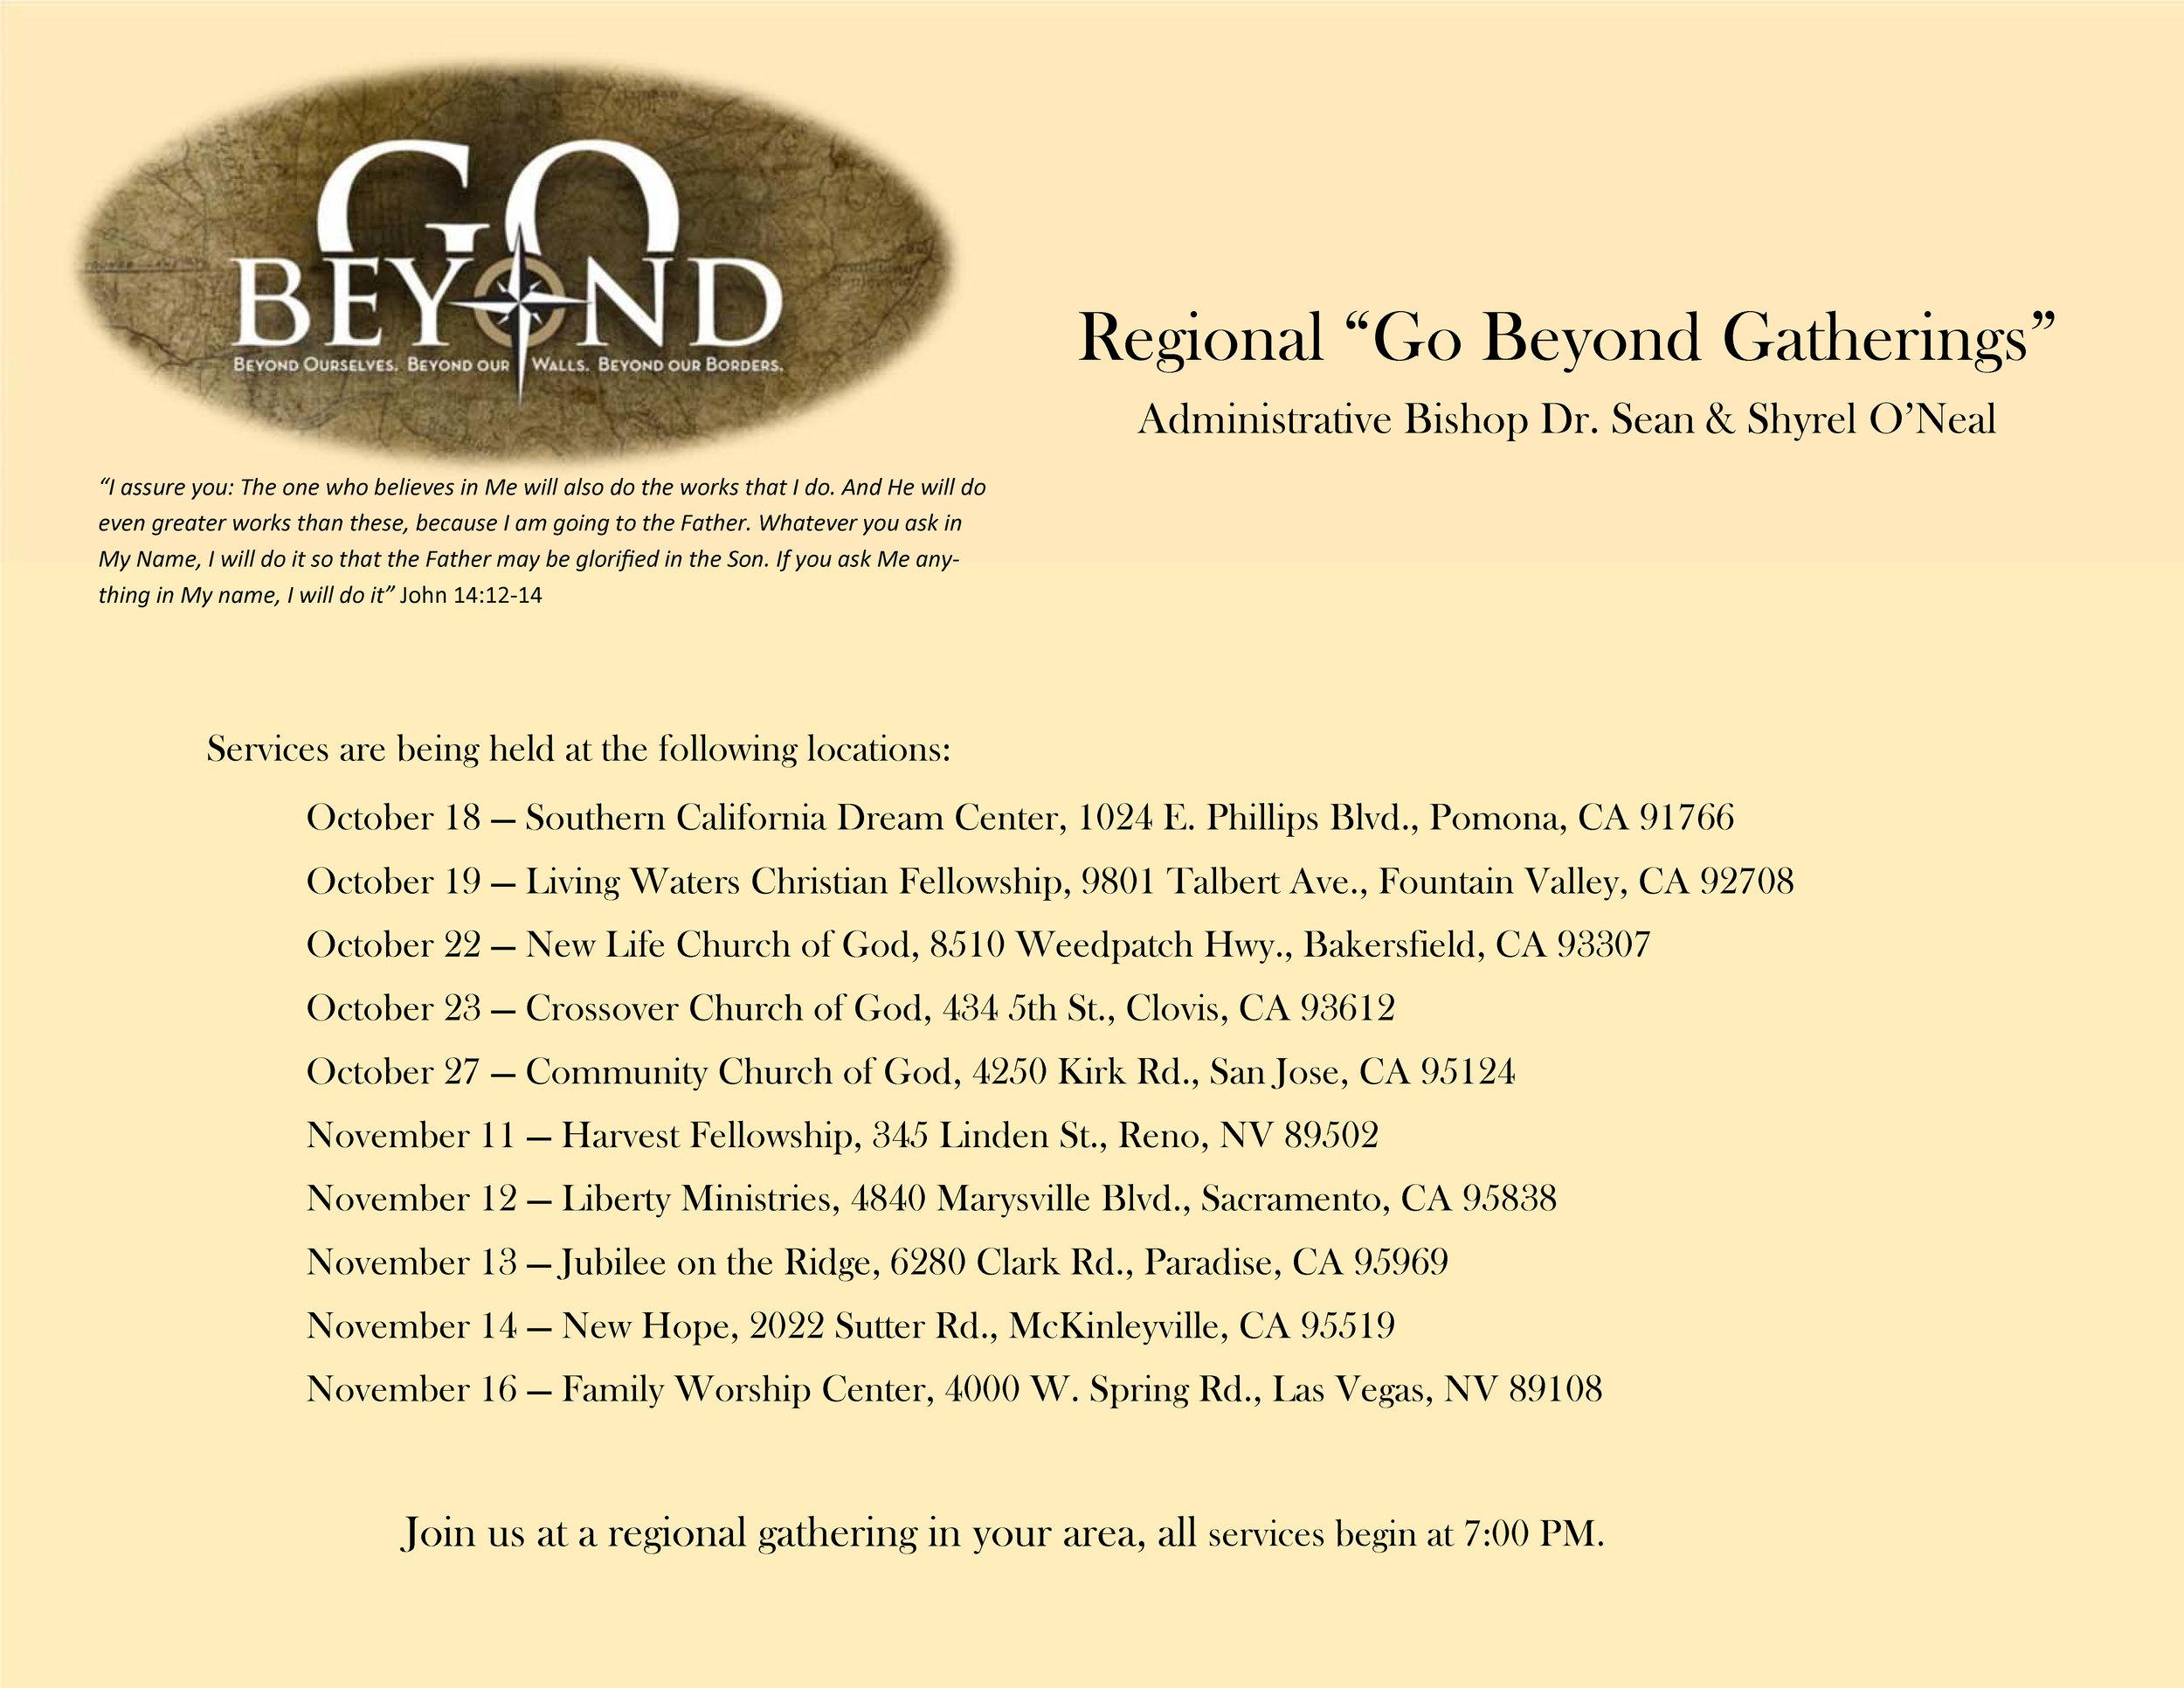 Go Beyond flyer.jpg